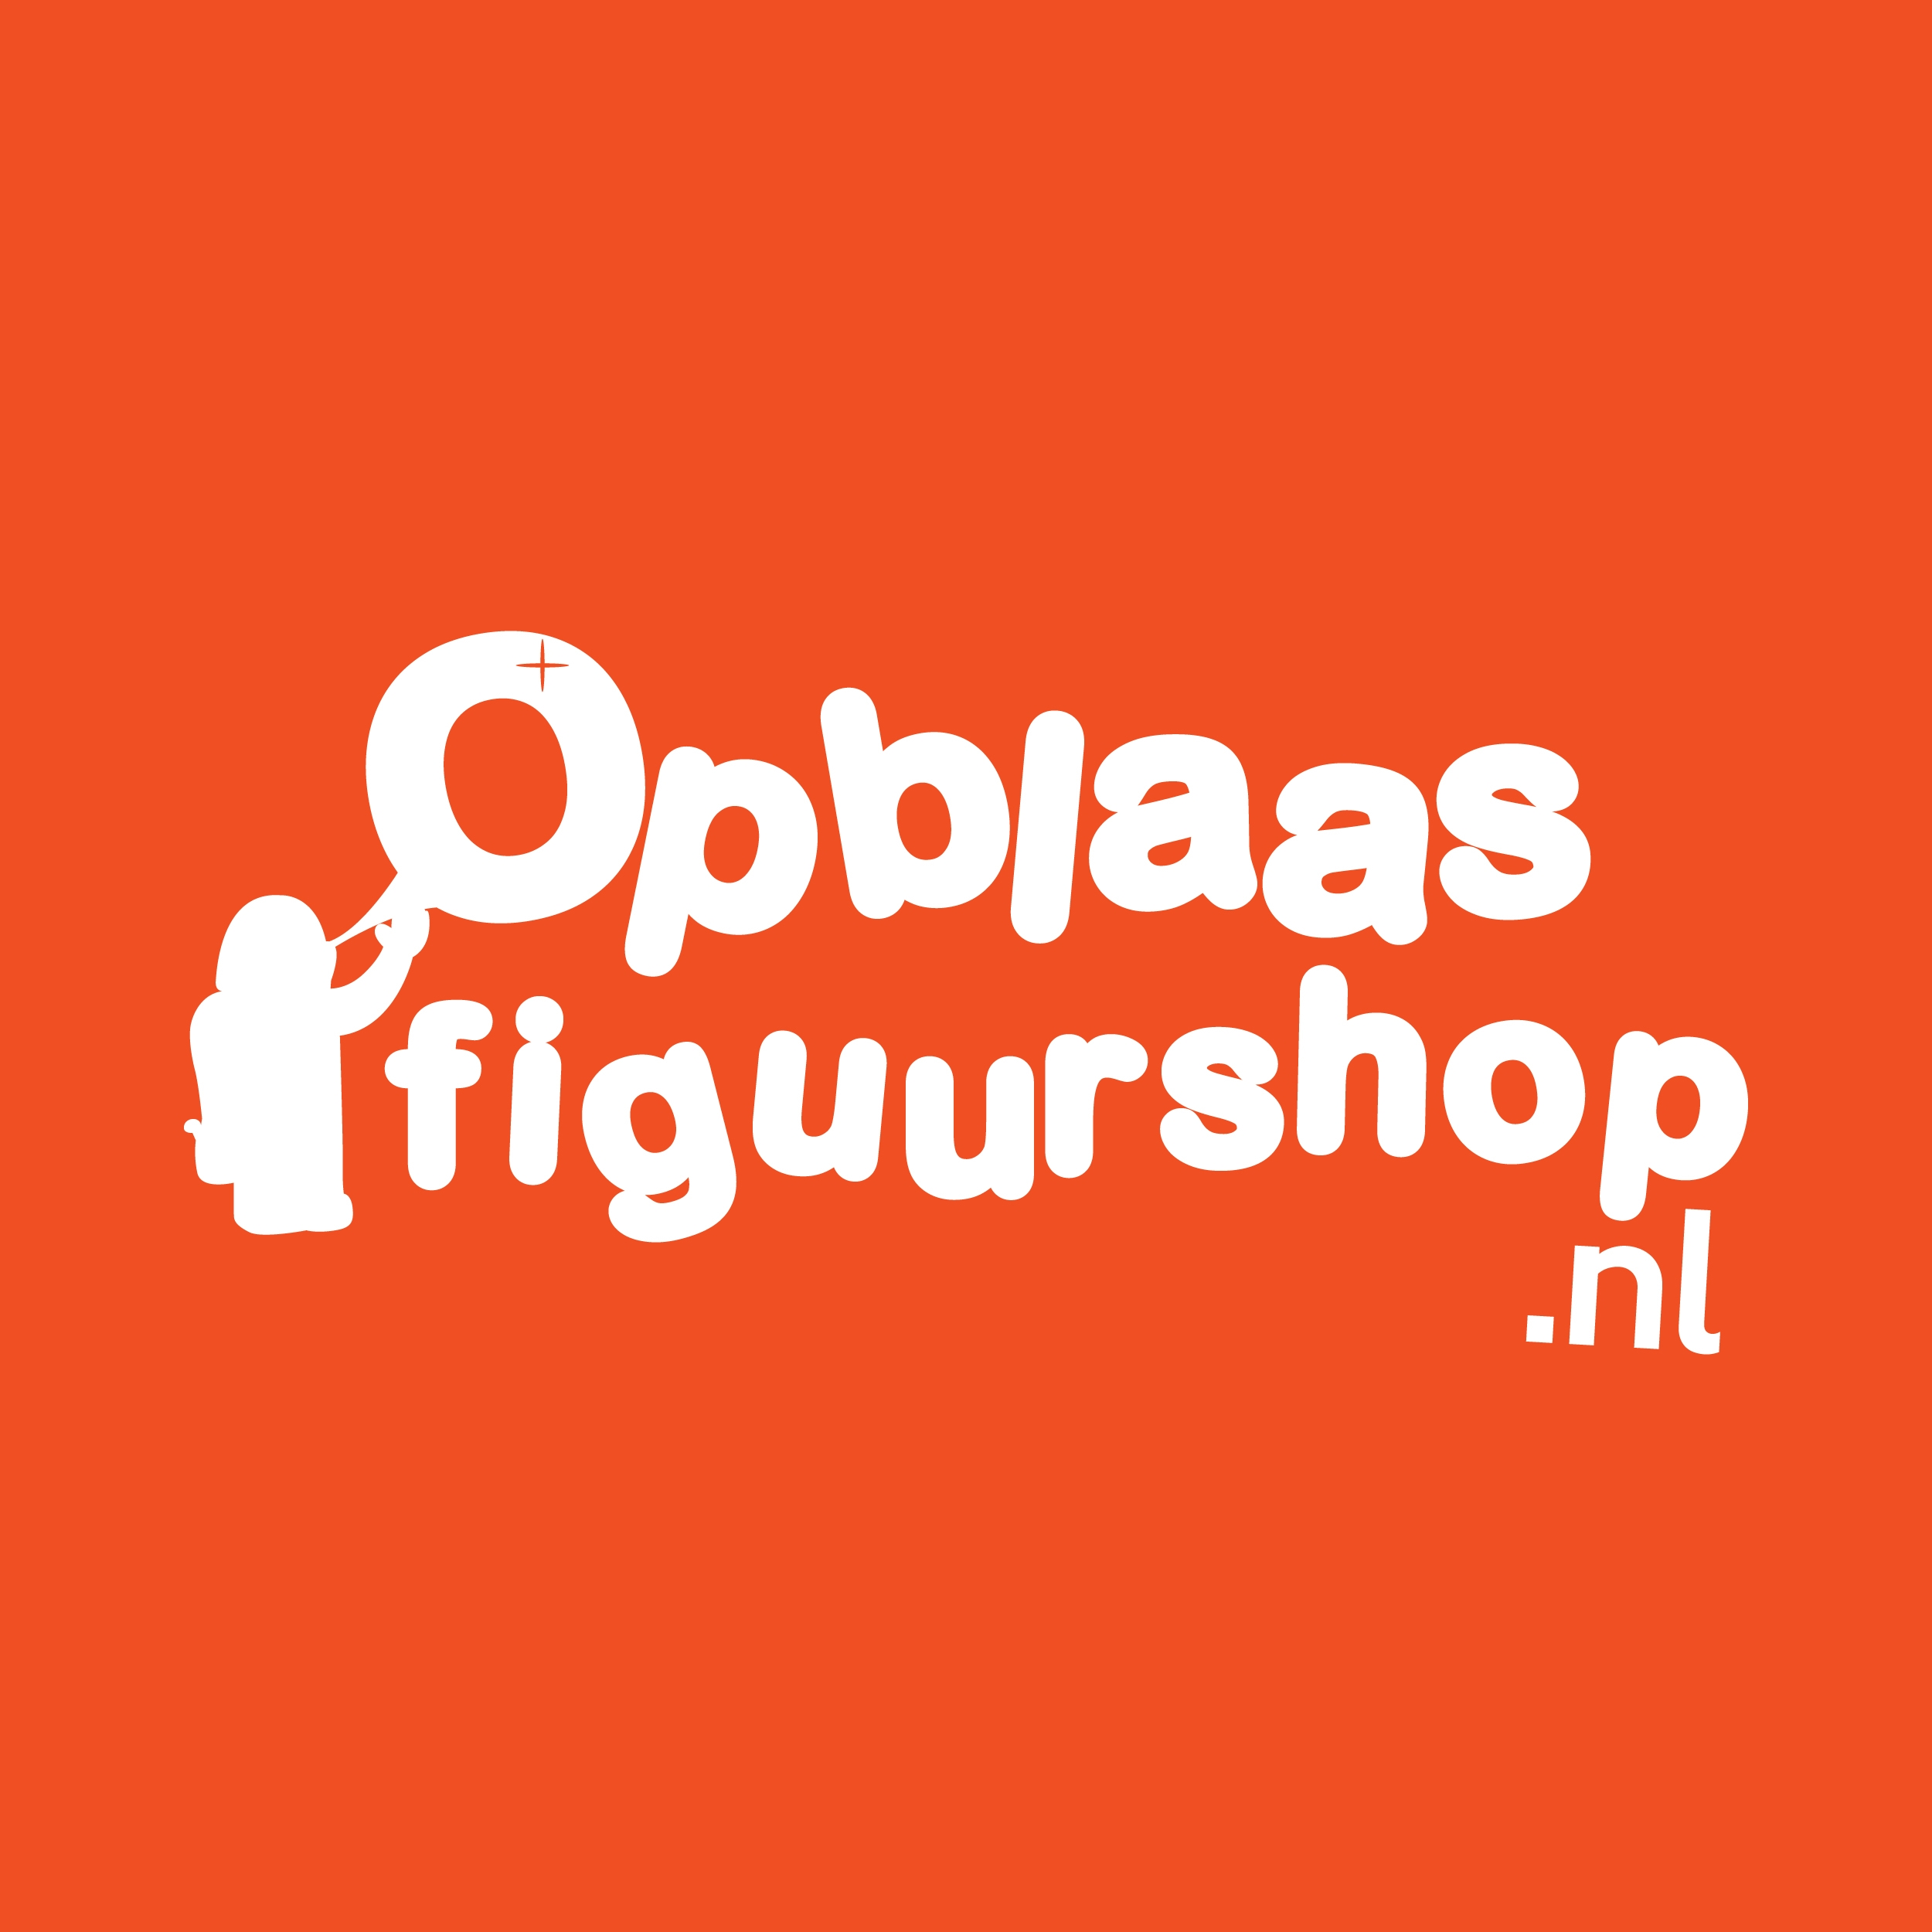 Opblaasfiguurshop.nl